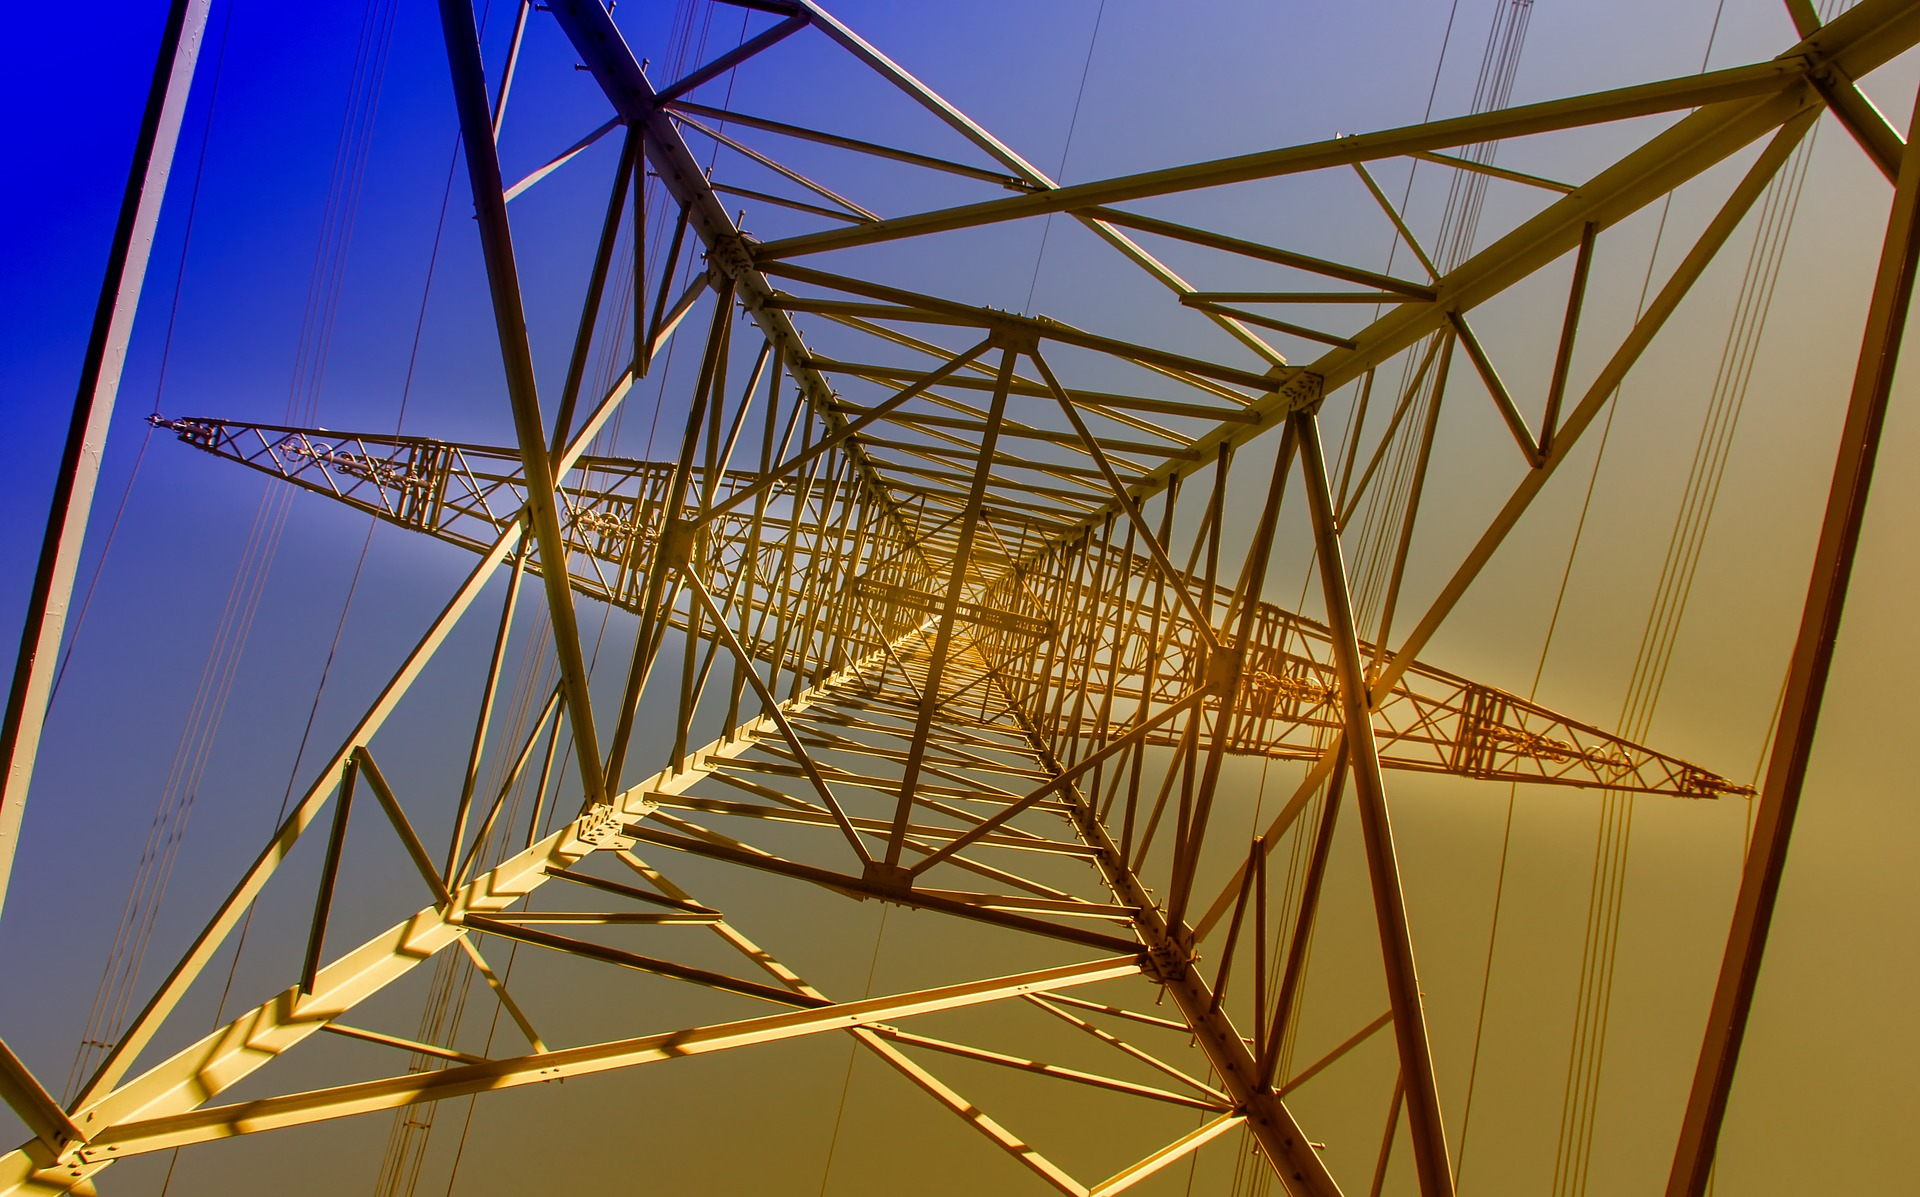 تشاد: الوصول المحدود إلى الكهرباء يبطئ أهداف التنمية © Analogicus/Pixabay